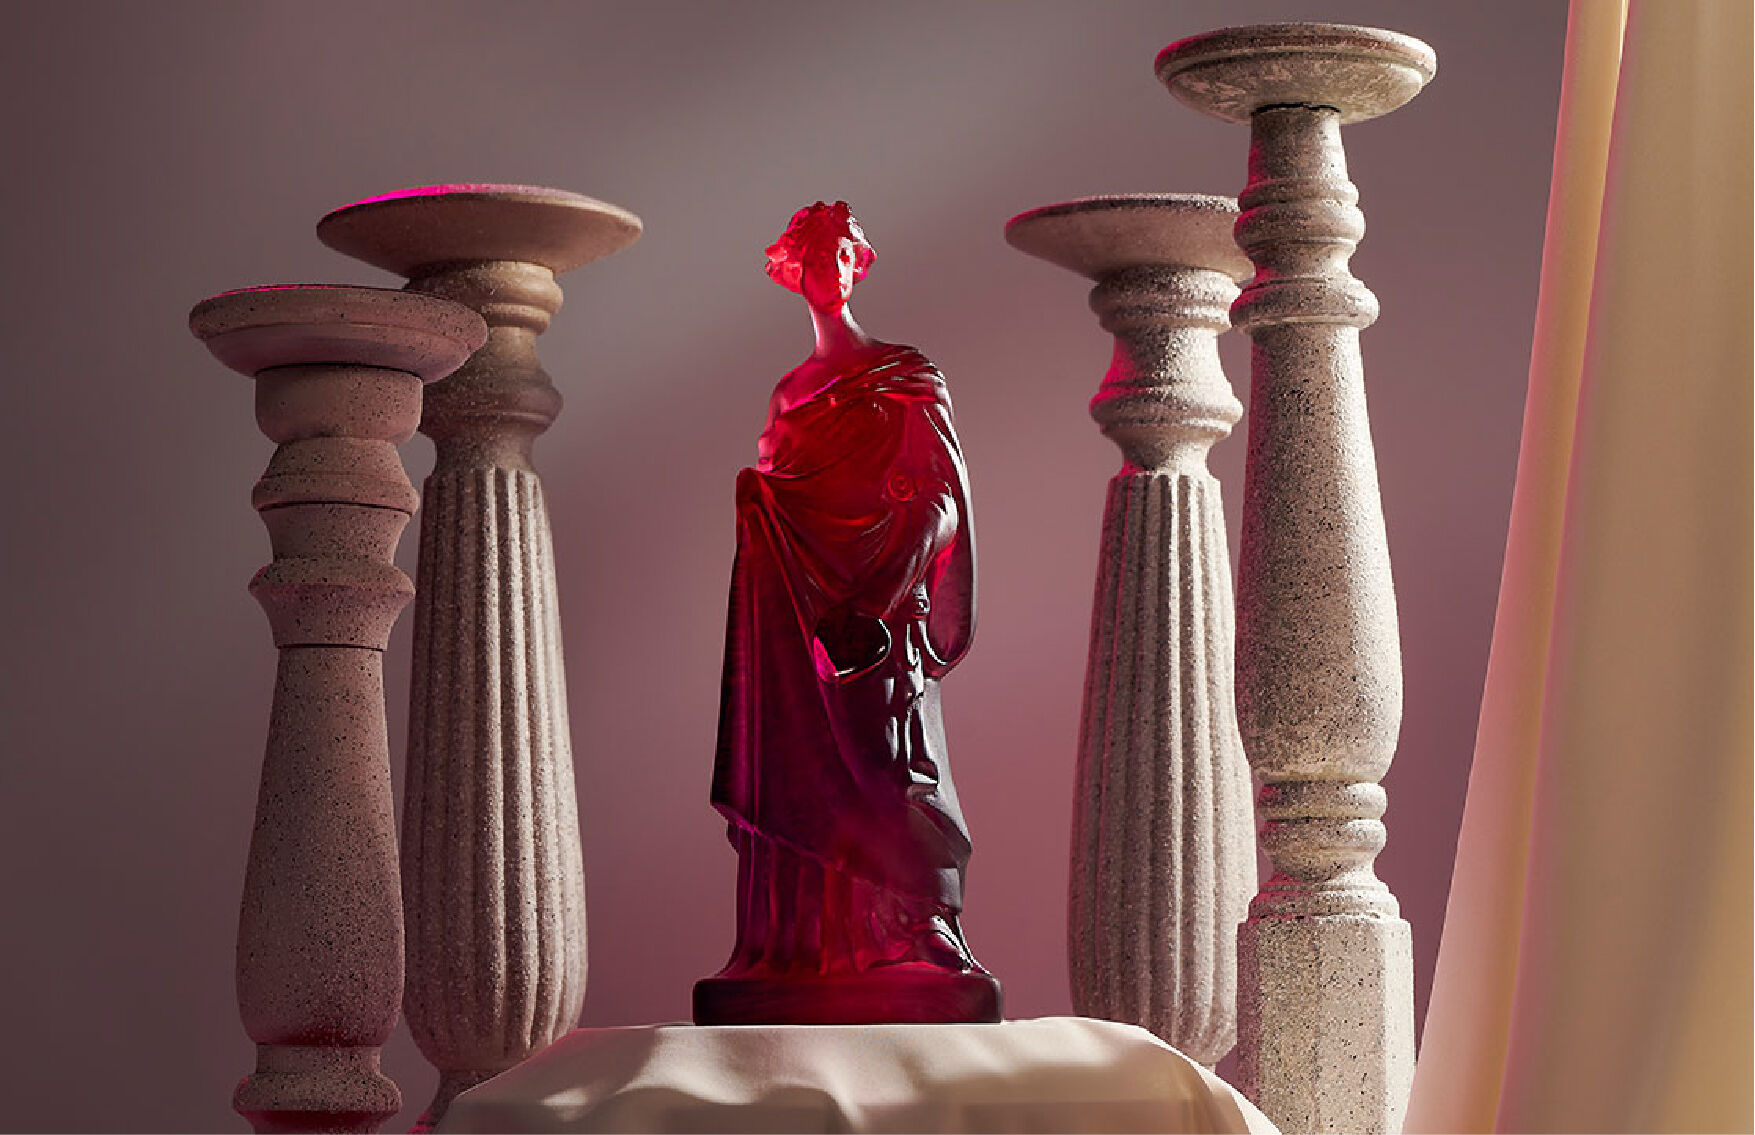 Tanagra Statue by Daum